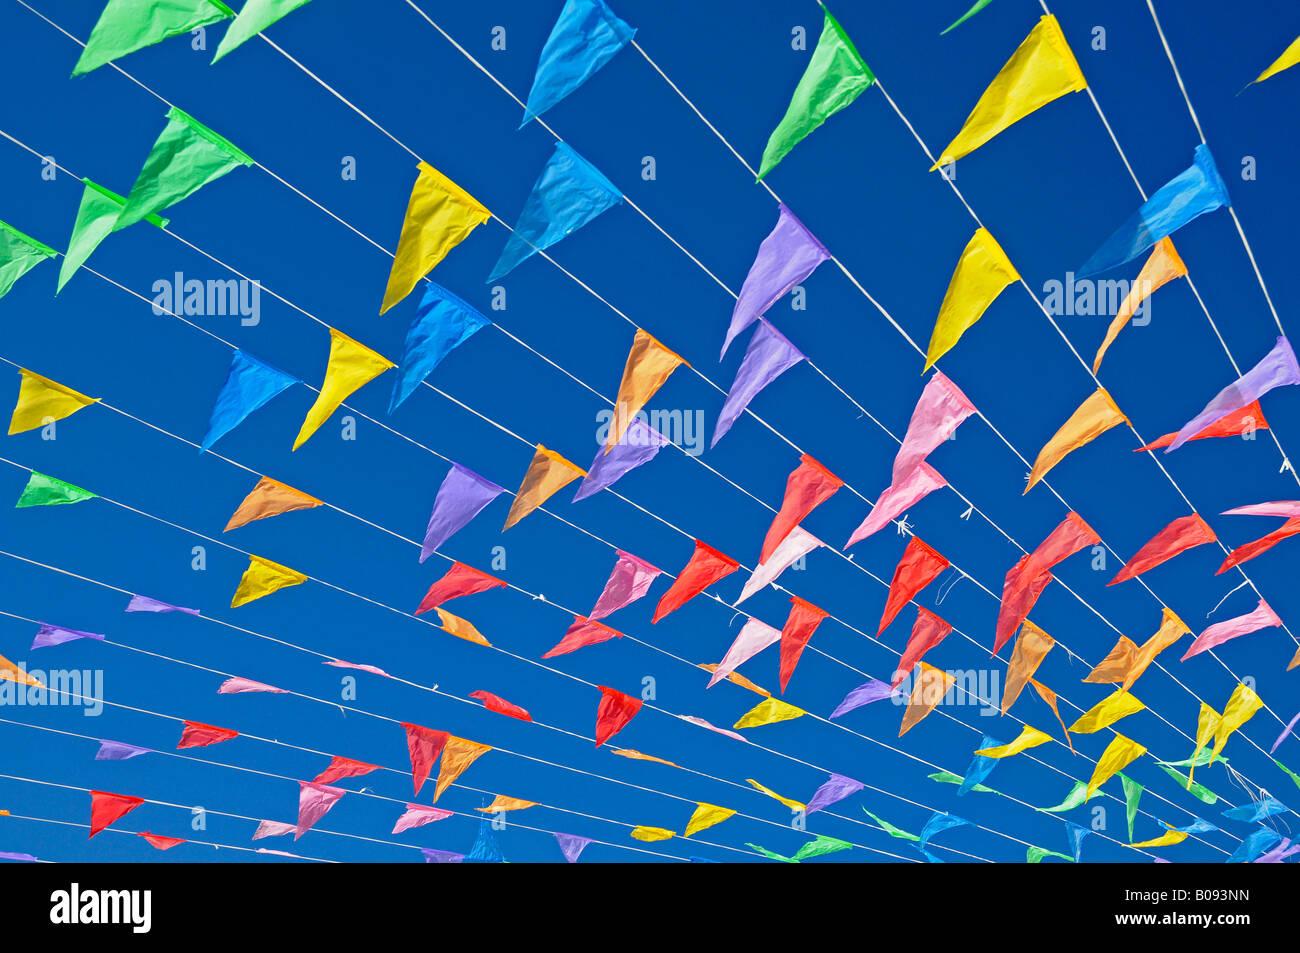 Bandiere colorate contro un cielo blu, fiesta, Altea la Vella, Alicante, Costa Blanca, Spagna Immagini Stock